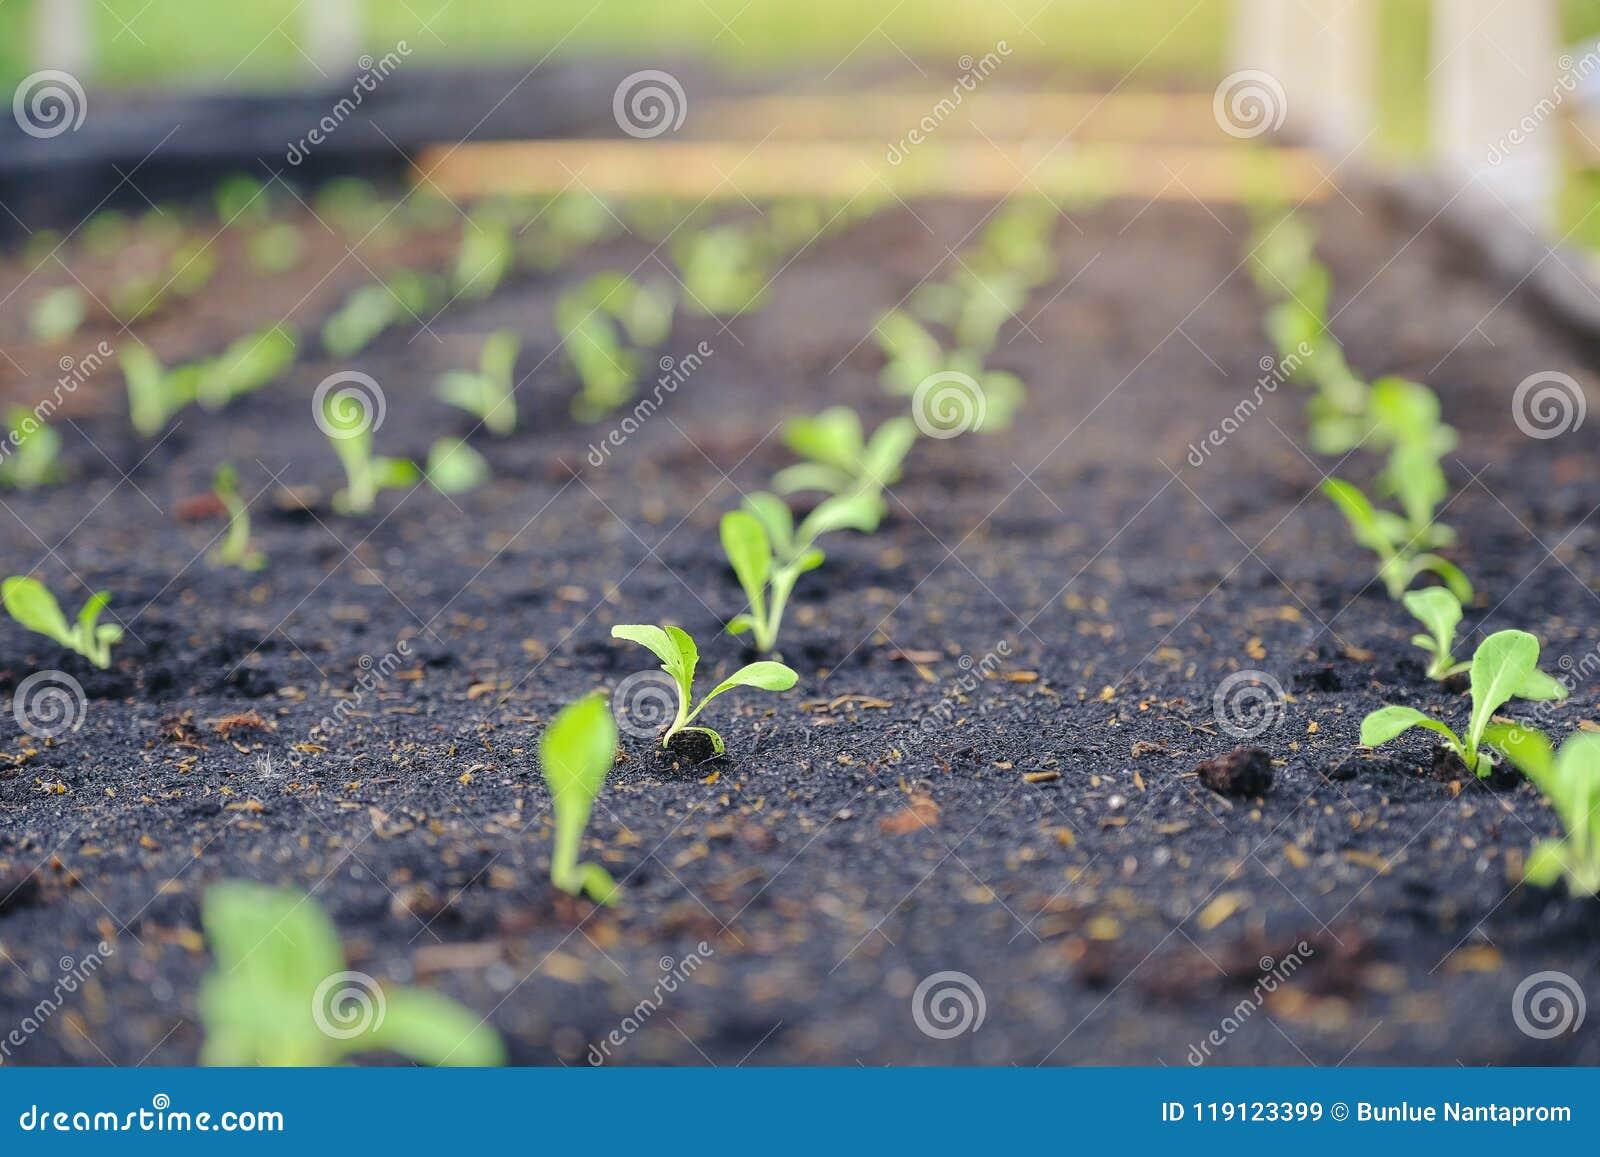 Sélectif de la jeune plante verte, plan rapproché de petits jeunes arbres dans le jardin